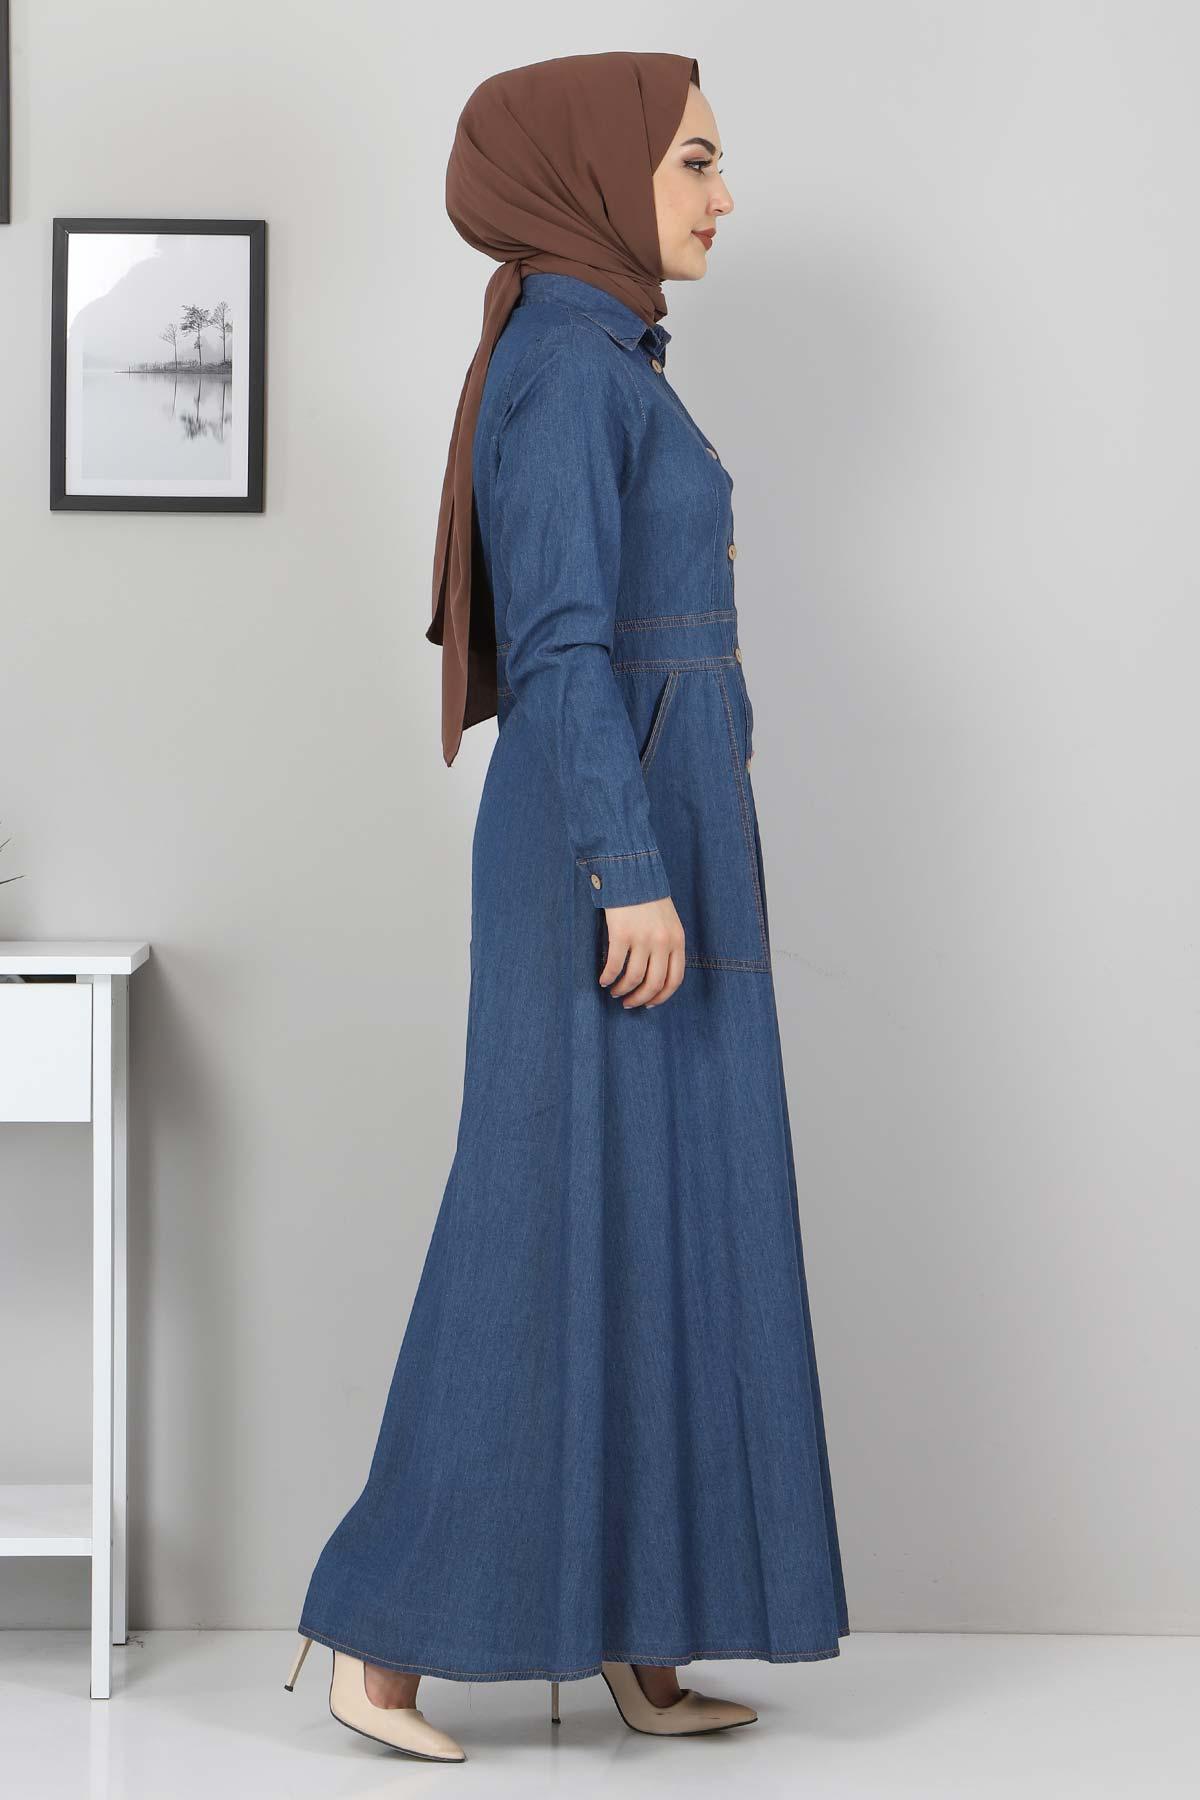 Boydan Düğmeli Kot Elbise TSD0389 Koyu Mavi